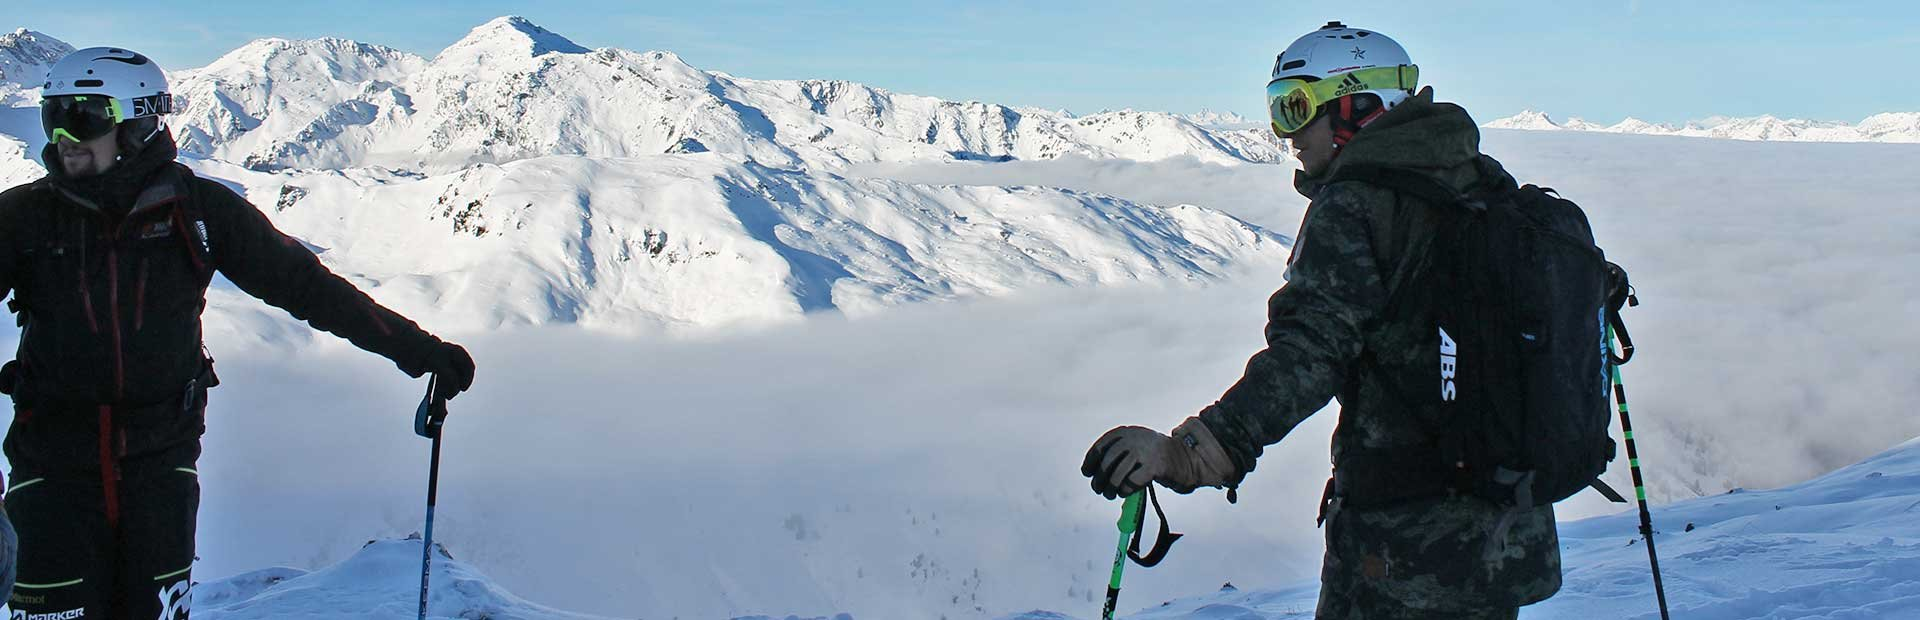 Freunde Skifahren Abseits Piste Skigebiet